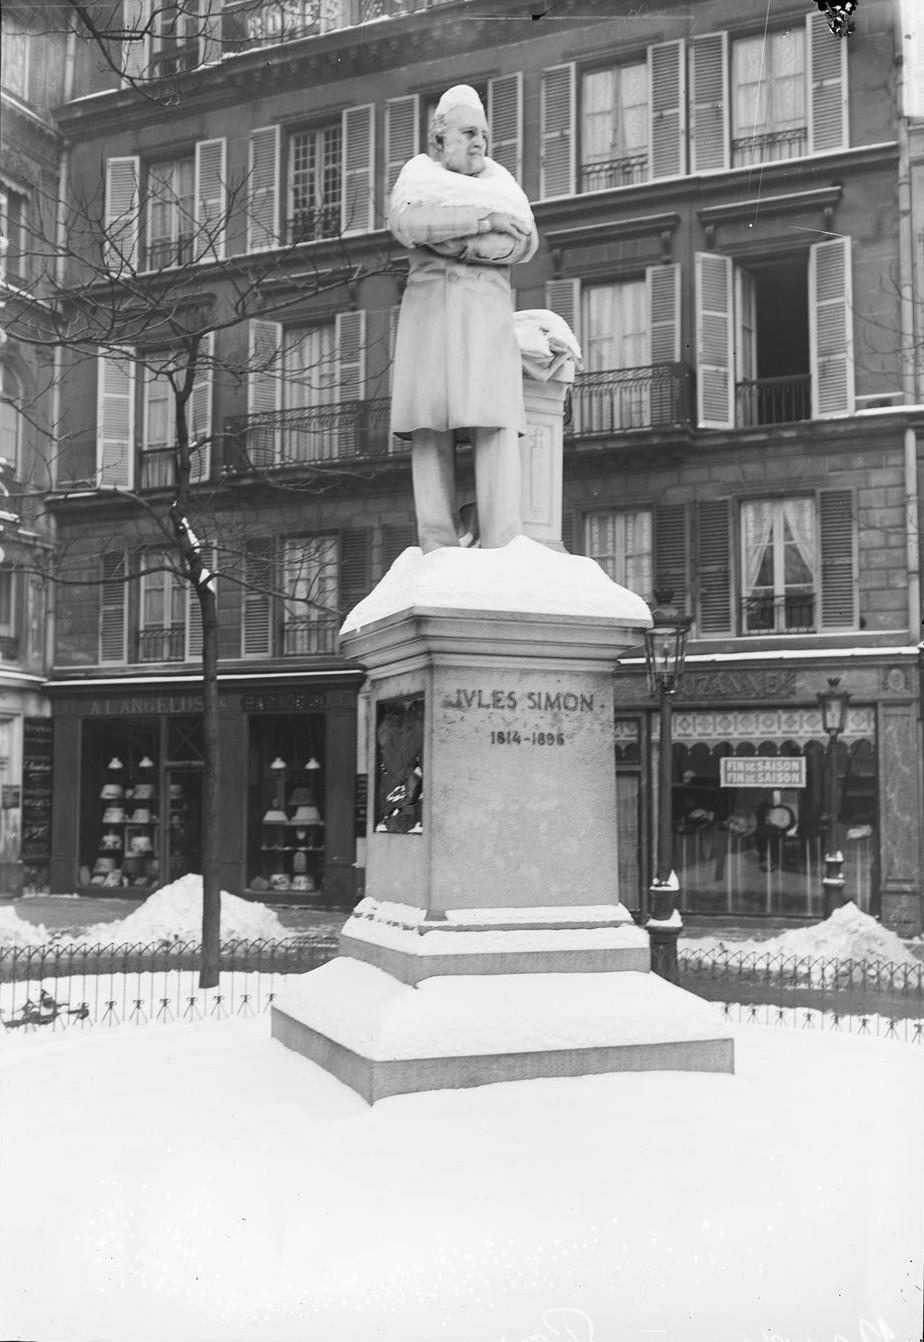 1908. Статуя Жюля Симона в снегу